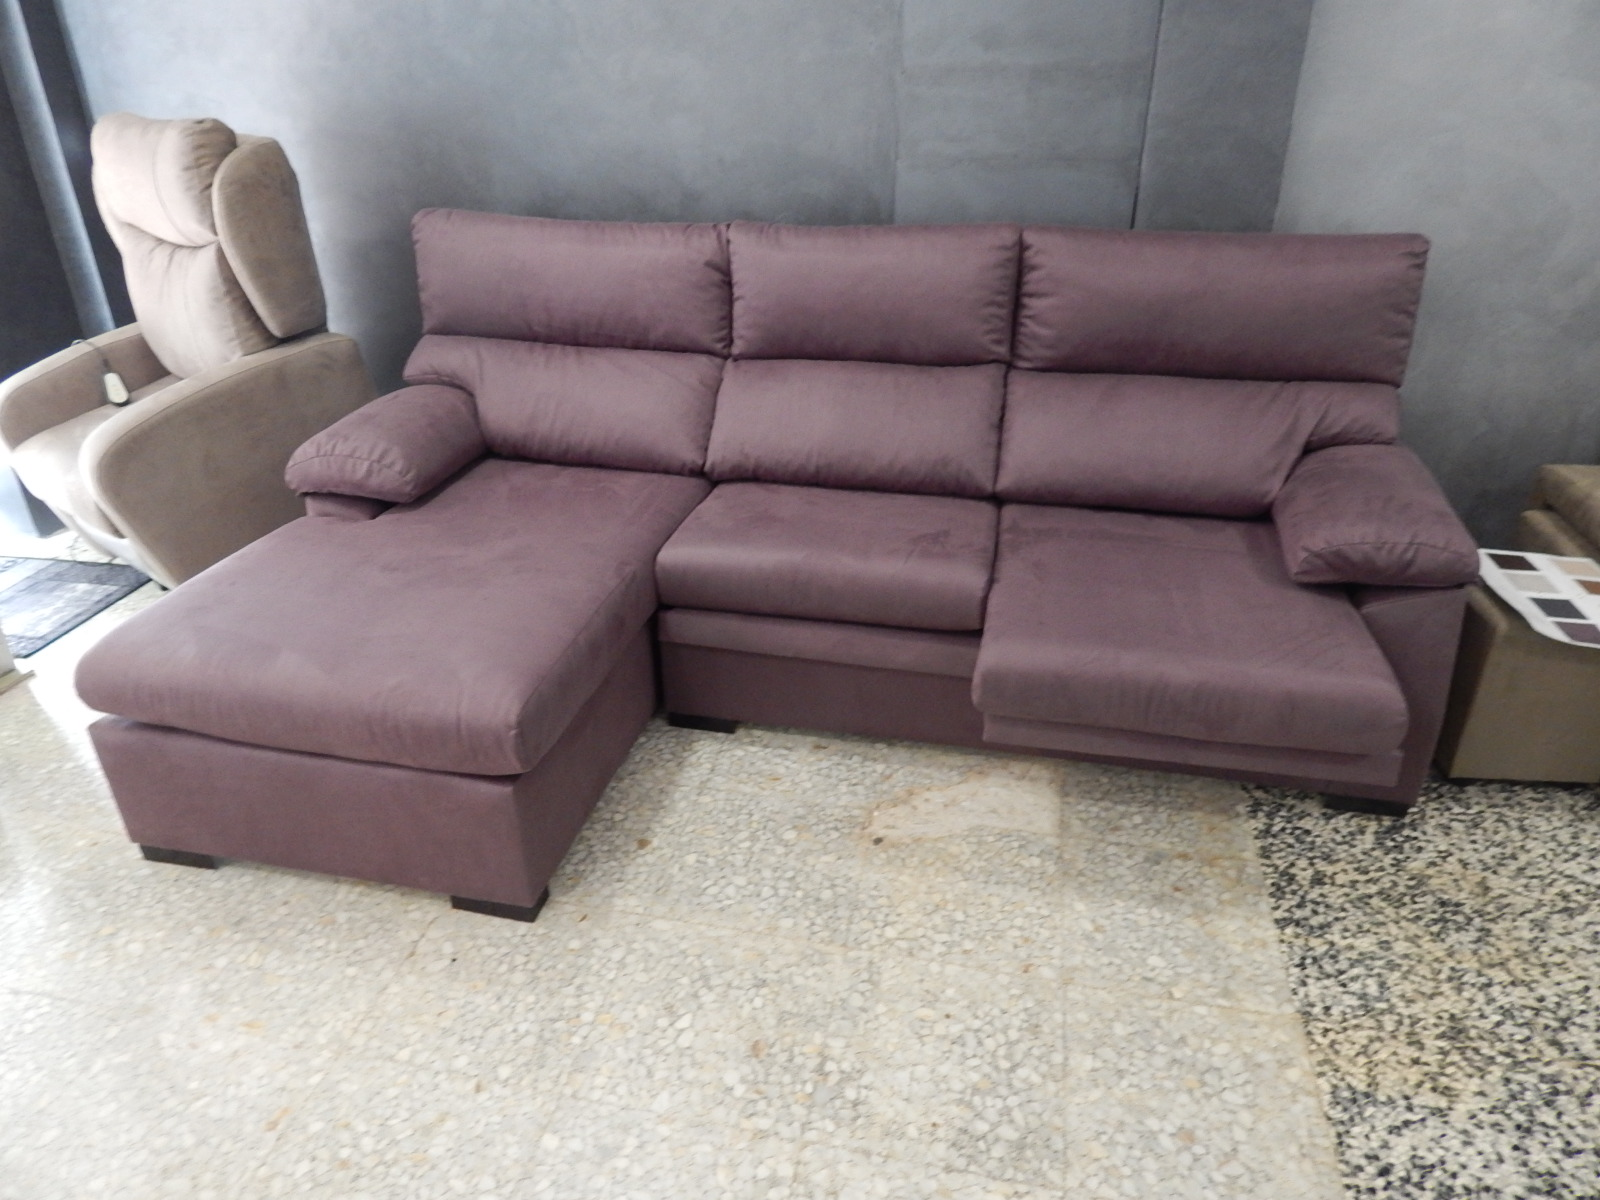 Sofacicos sof s baratos en zaragoza for Sofas 5 plazas baratos